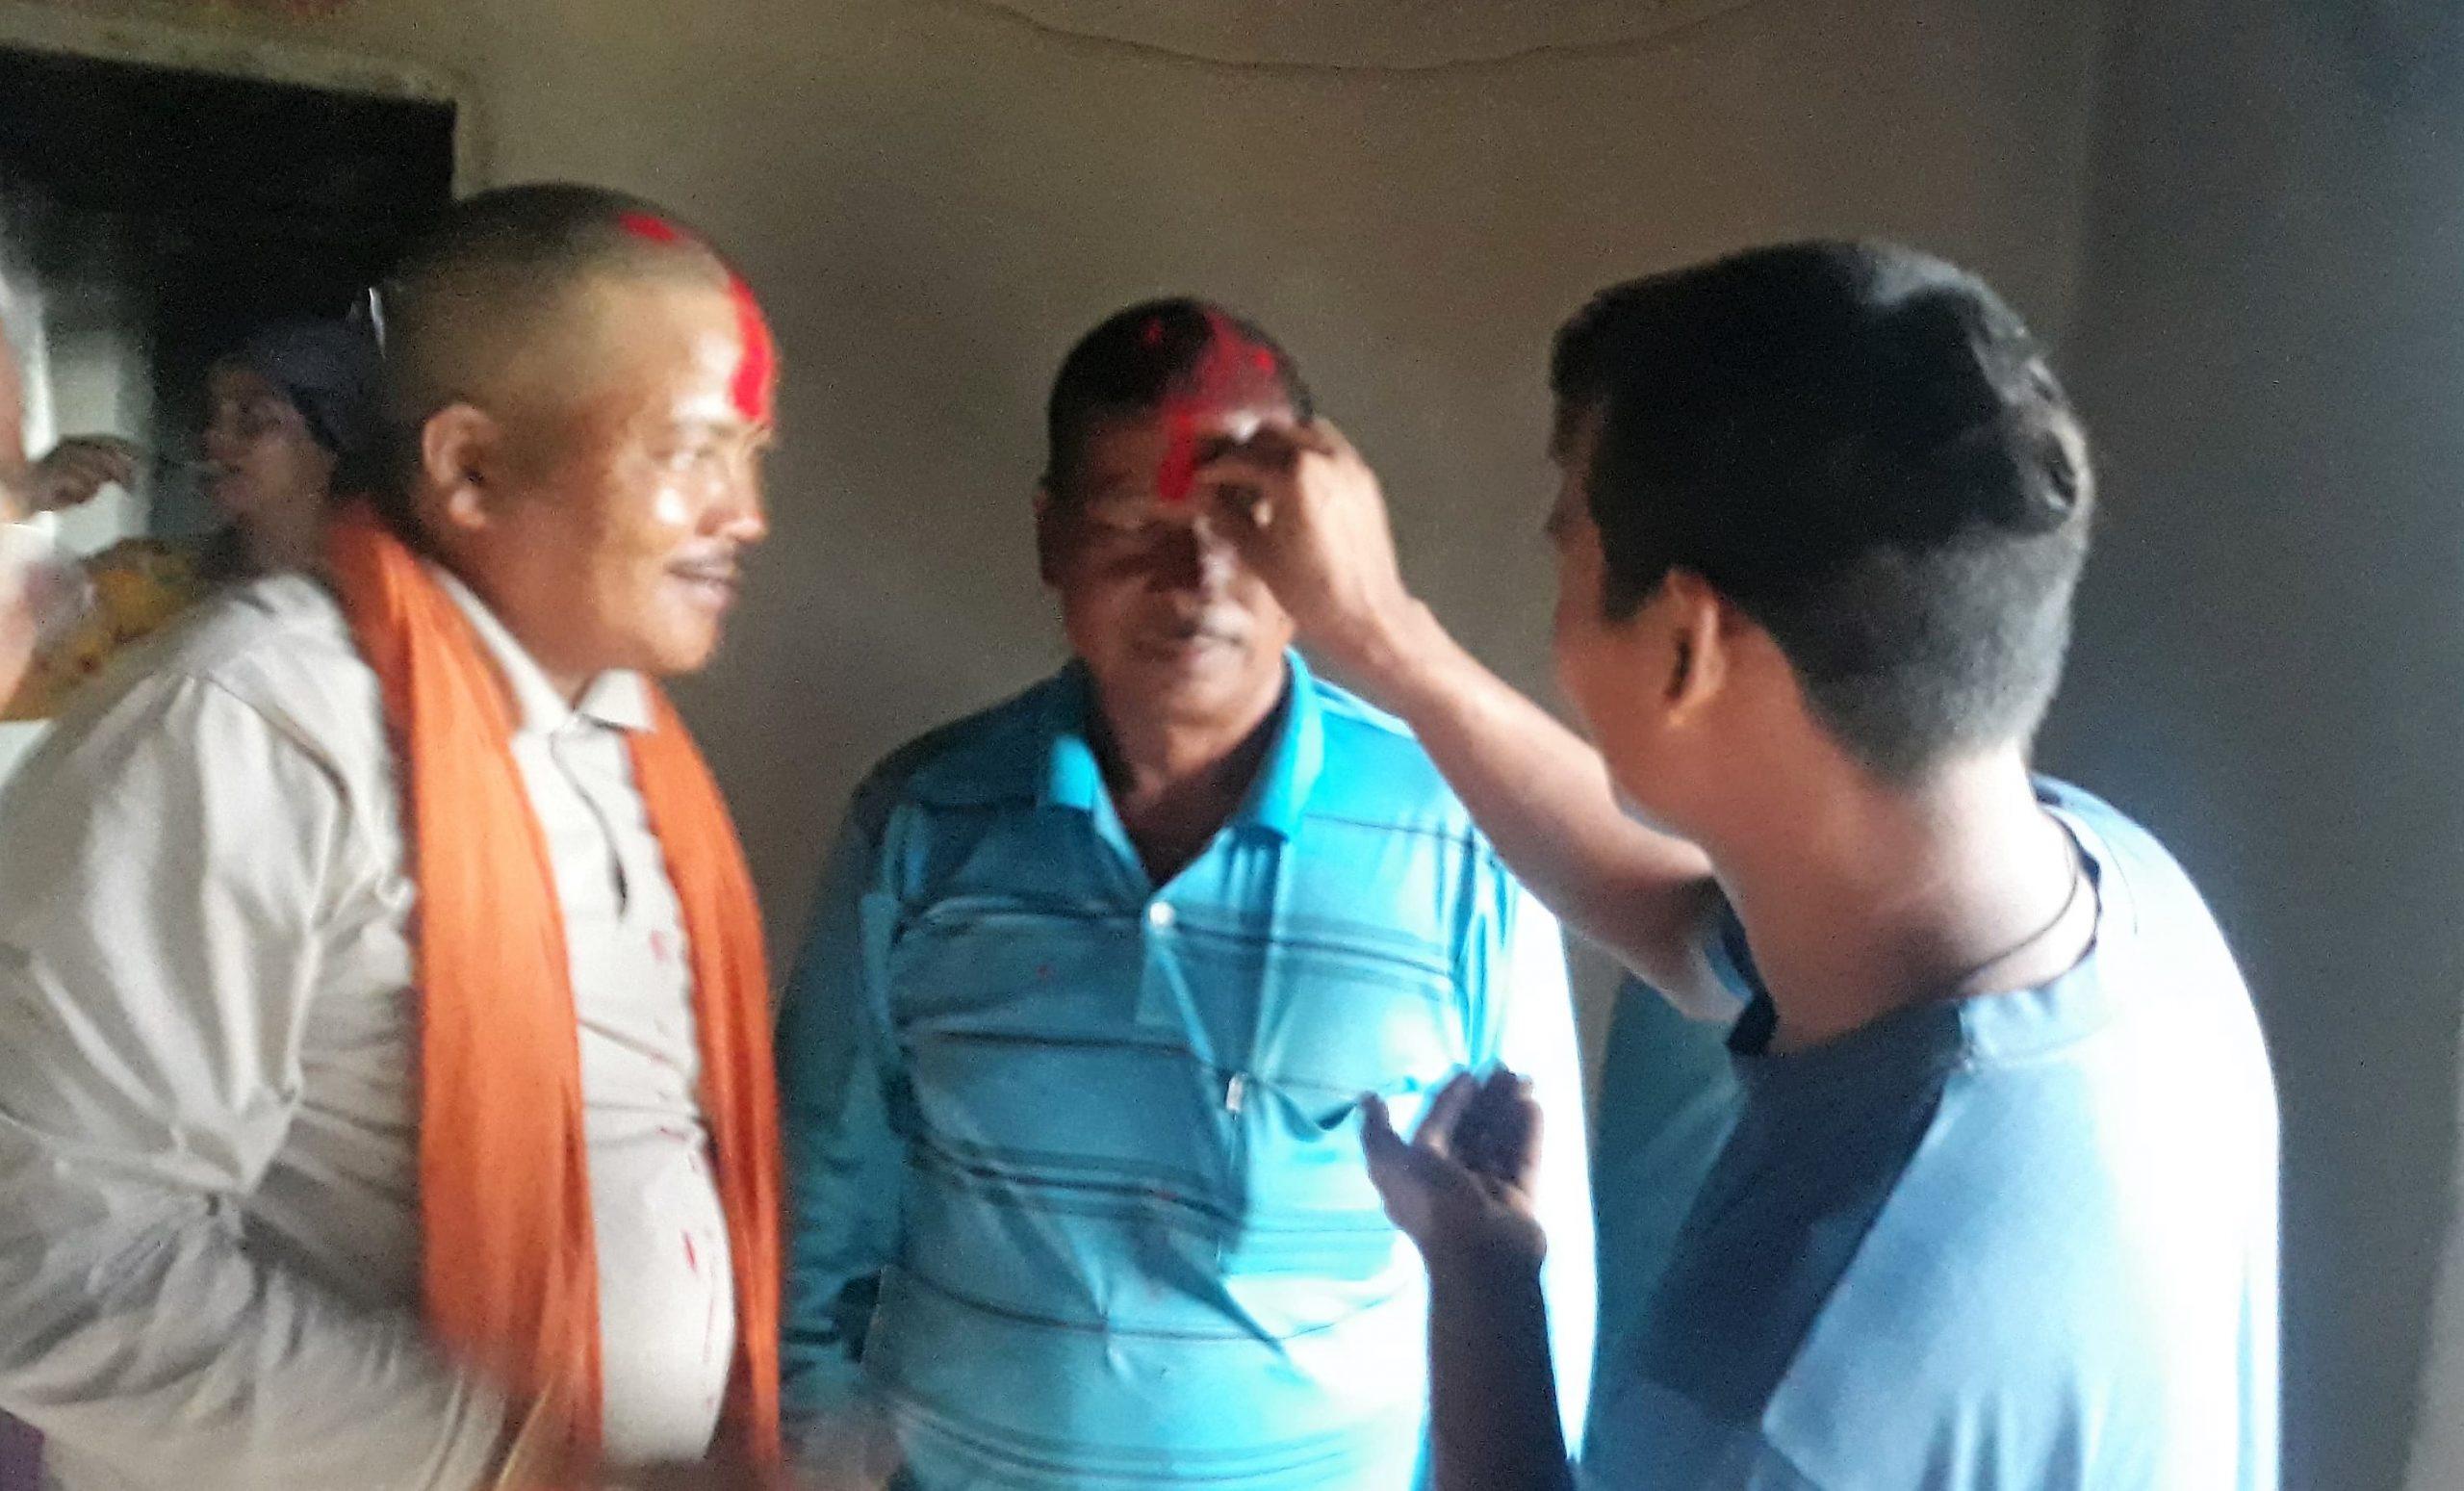 असैना गाँवमे पाँच सदसिय भलमन्सा संघर्ष समिति निर्माण